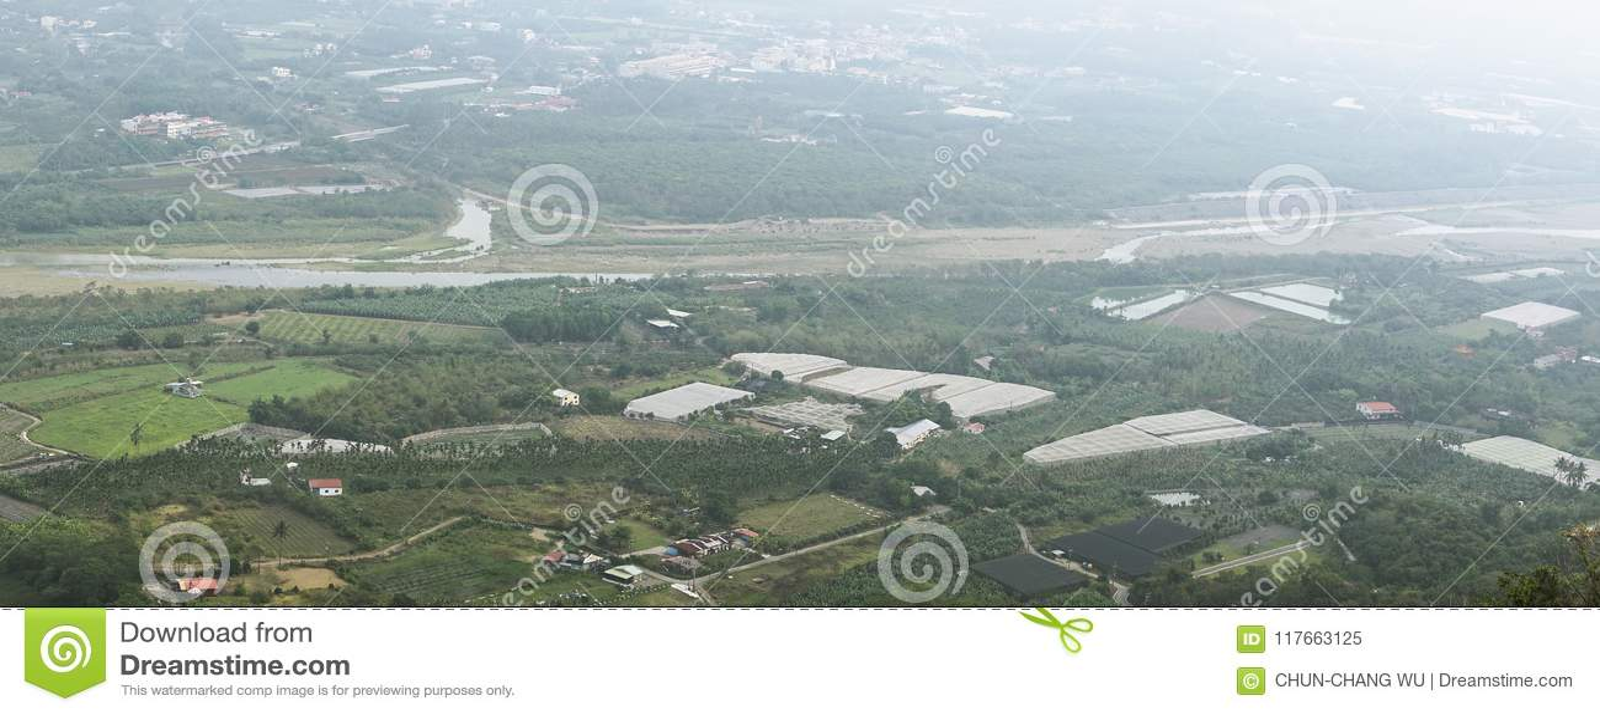 俯视的农田和街景画从旗尾山在旗...